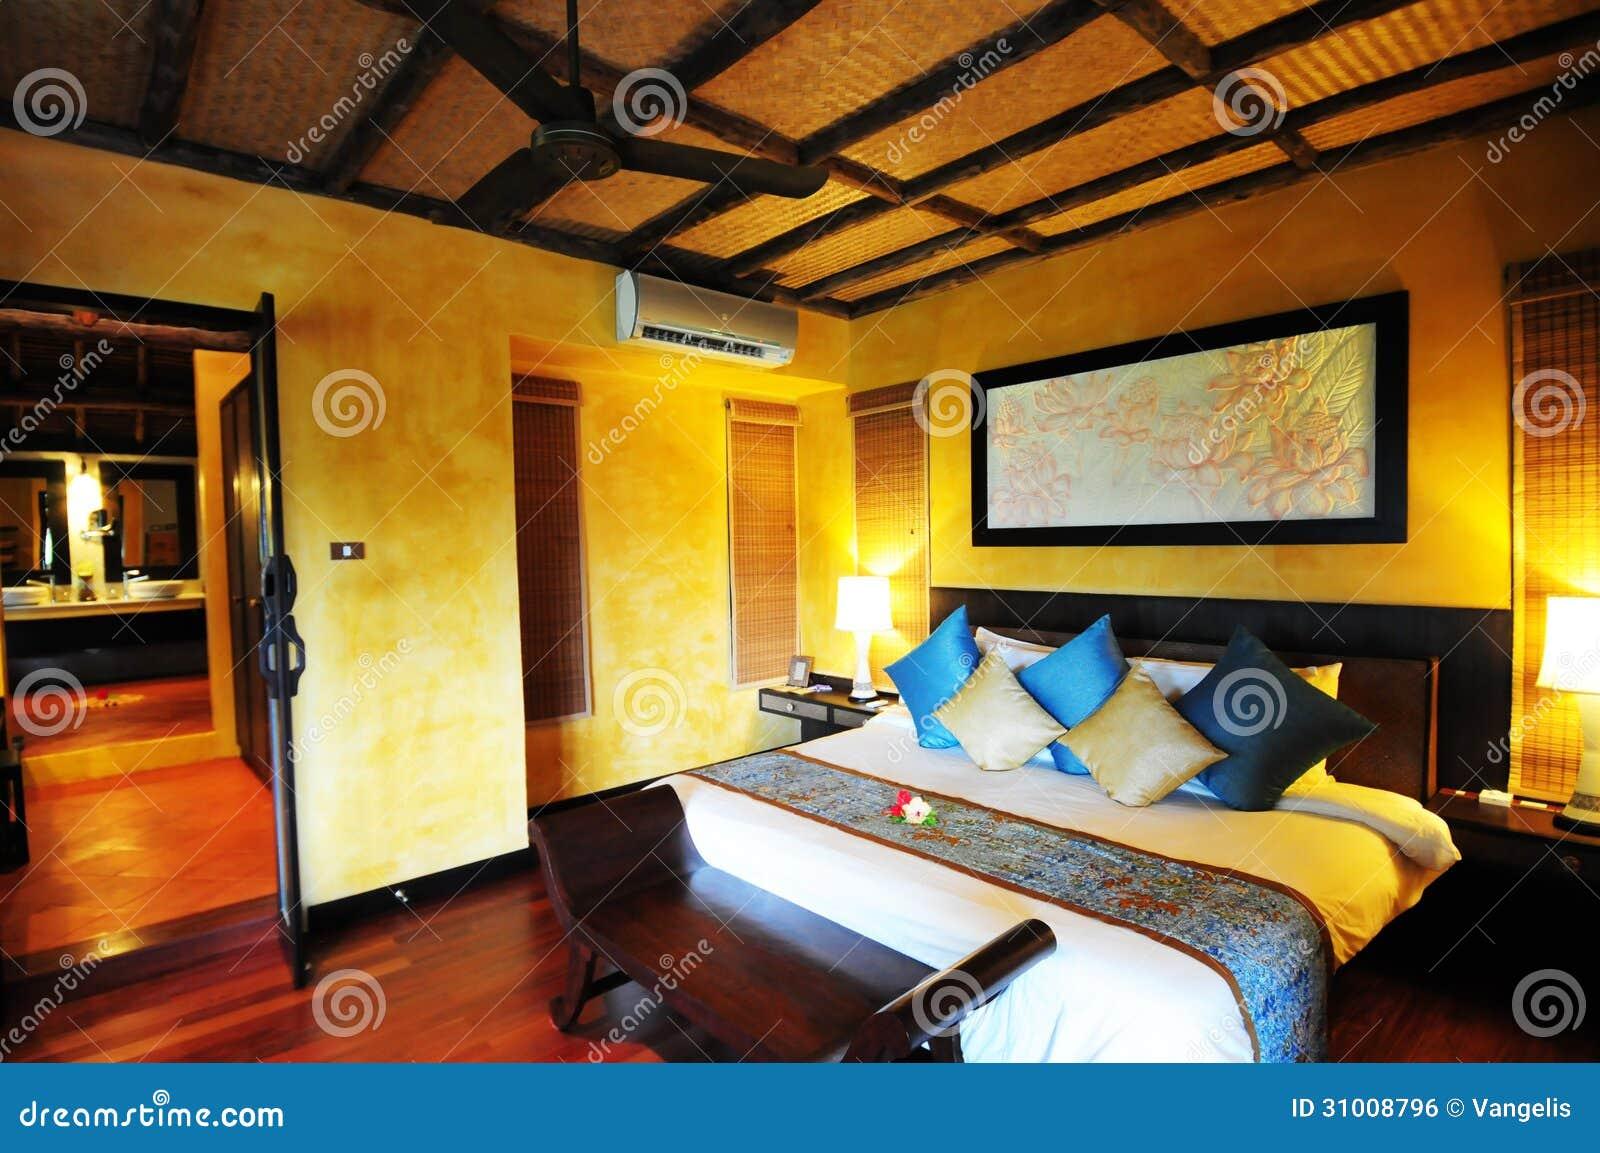 Chambre d 39 h tel en tha lande image libre de droits image for Chambre de hotel